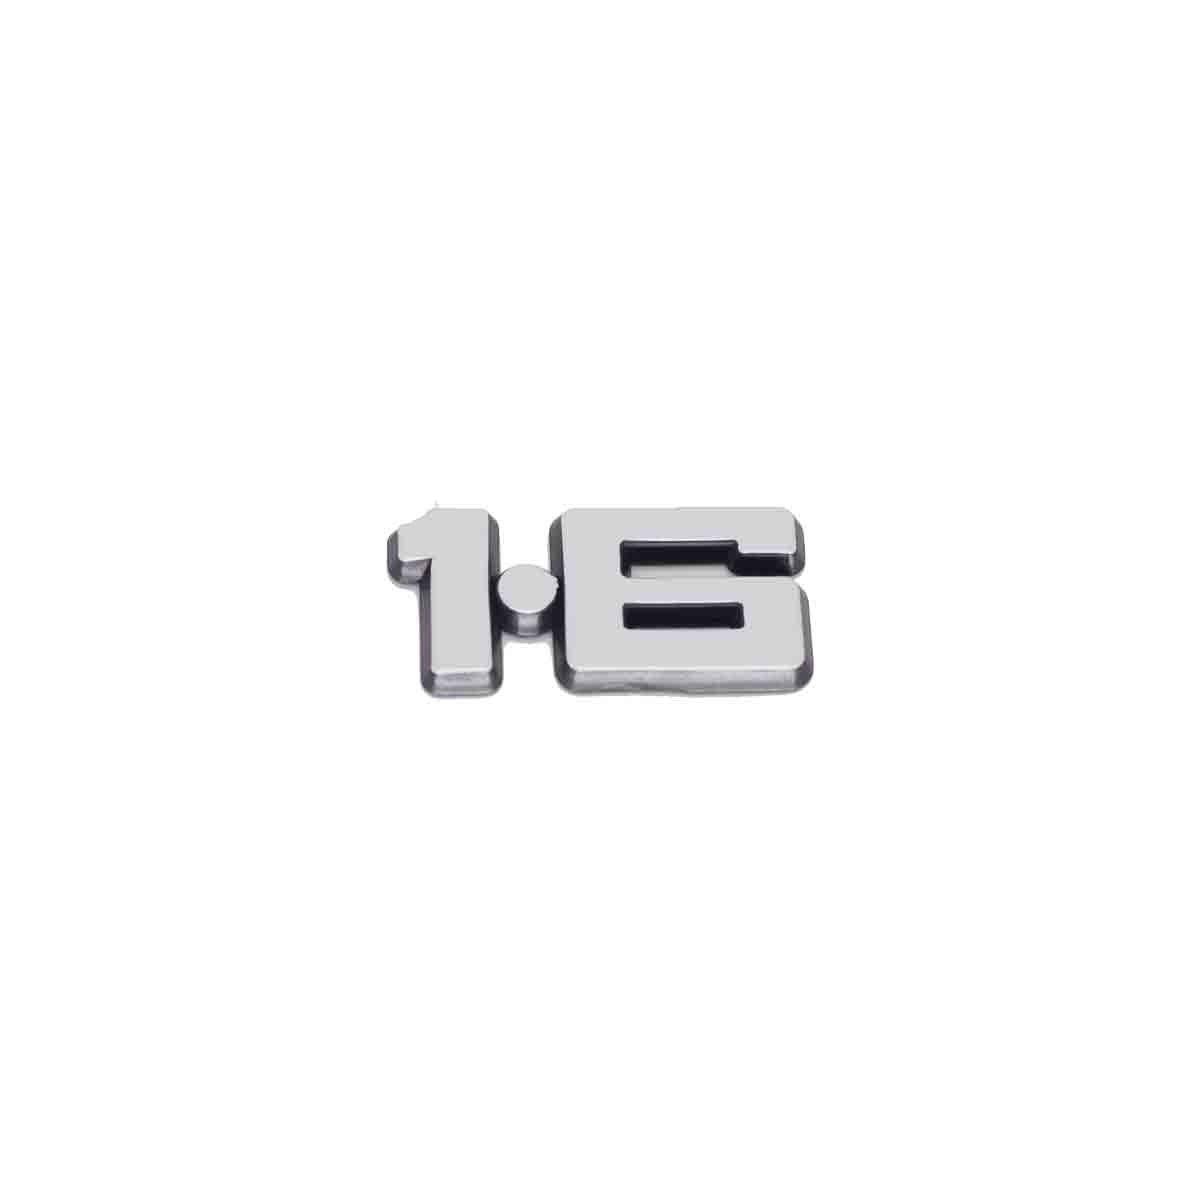 Emblema 1.6 Ford Ford Antigo